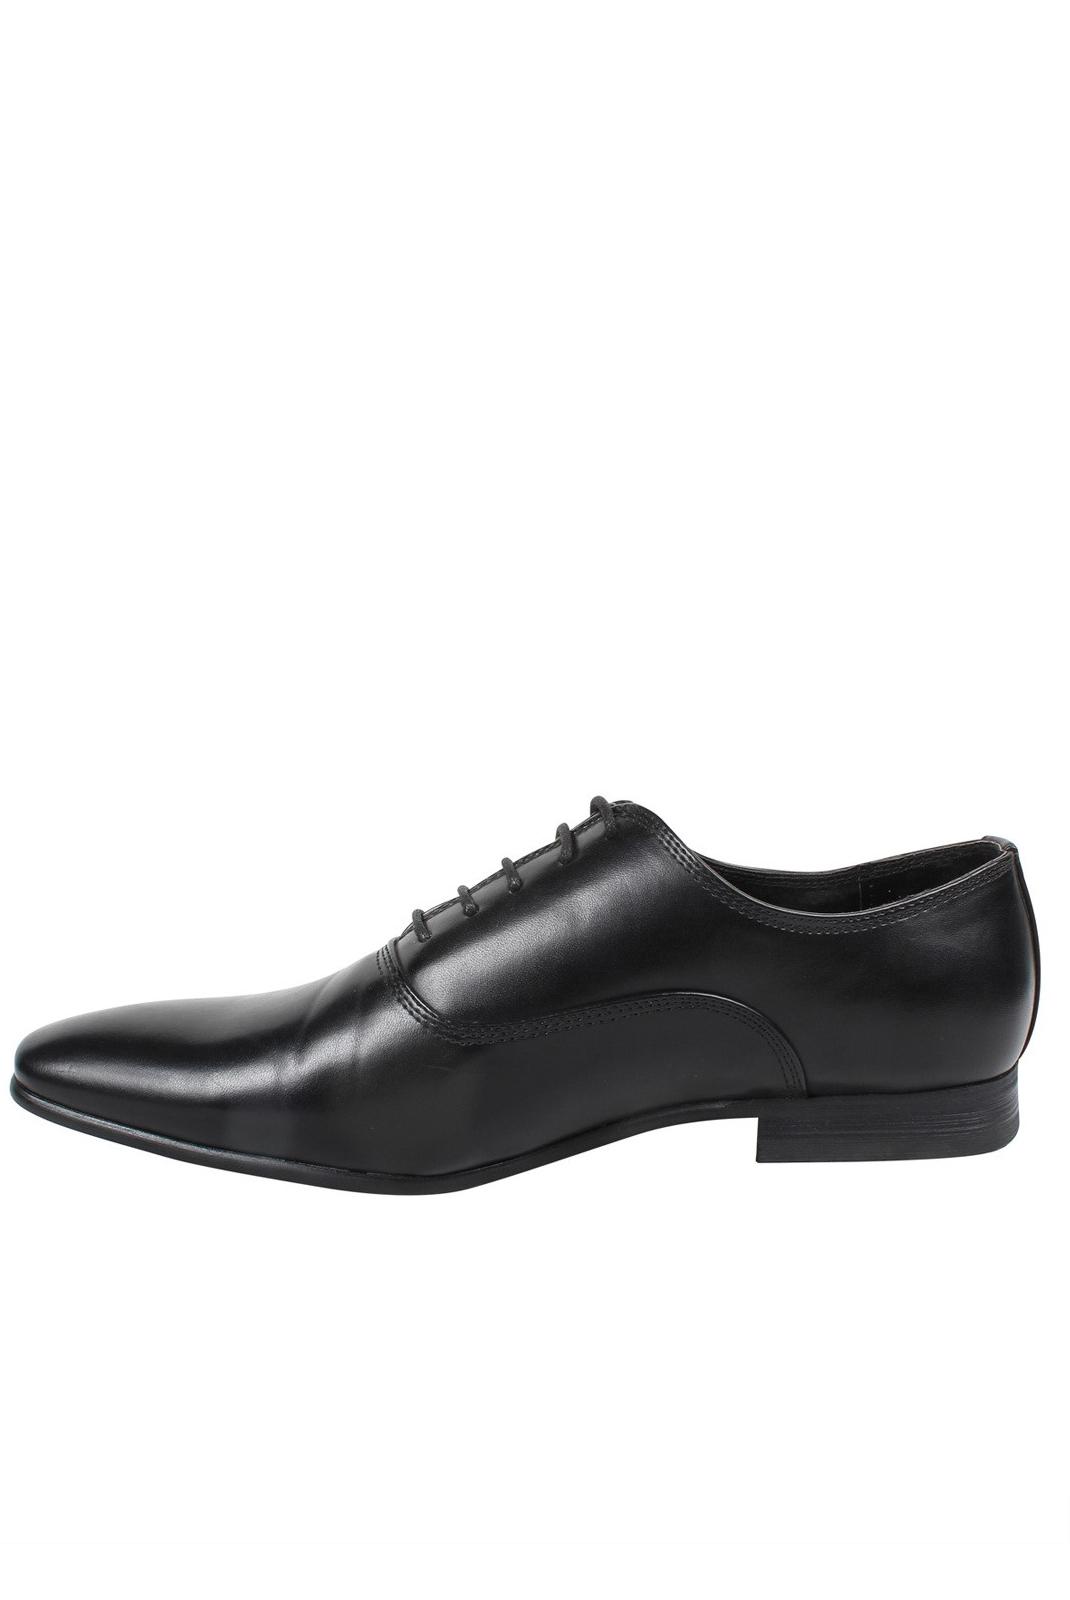 Chaussures de ville  Galax GH1267 NOIR